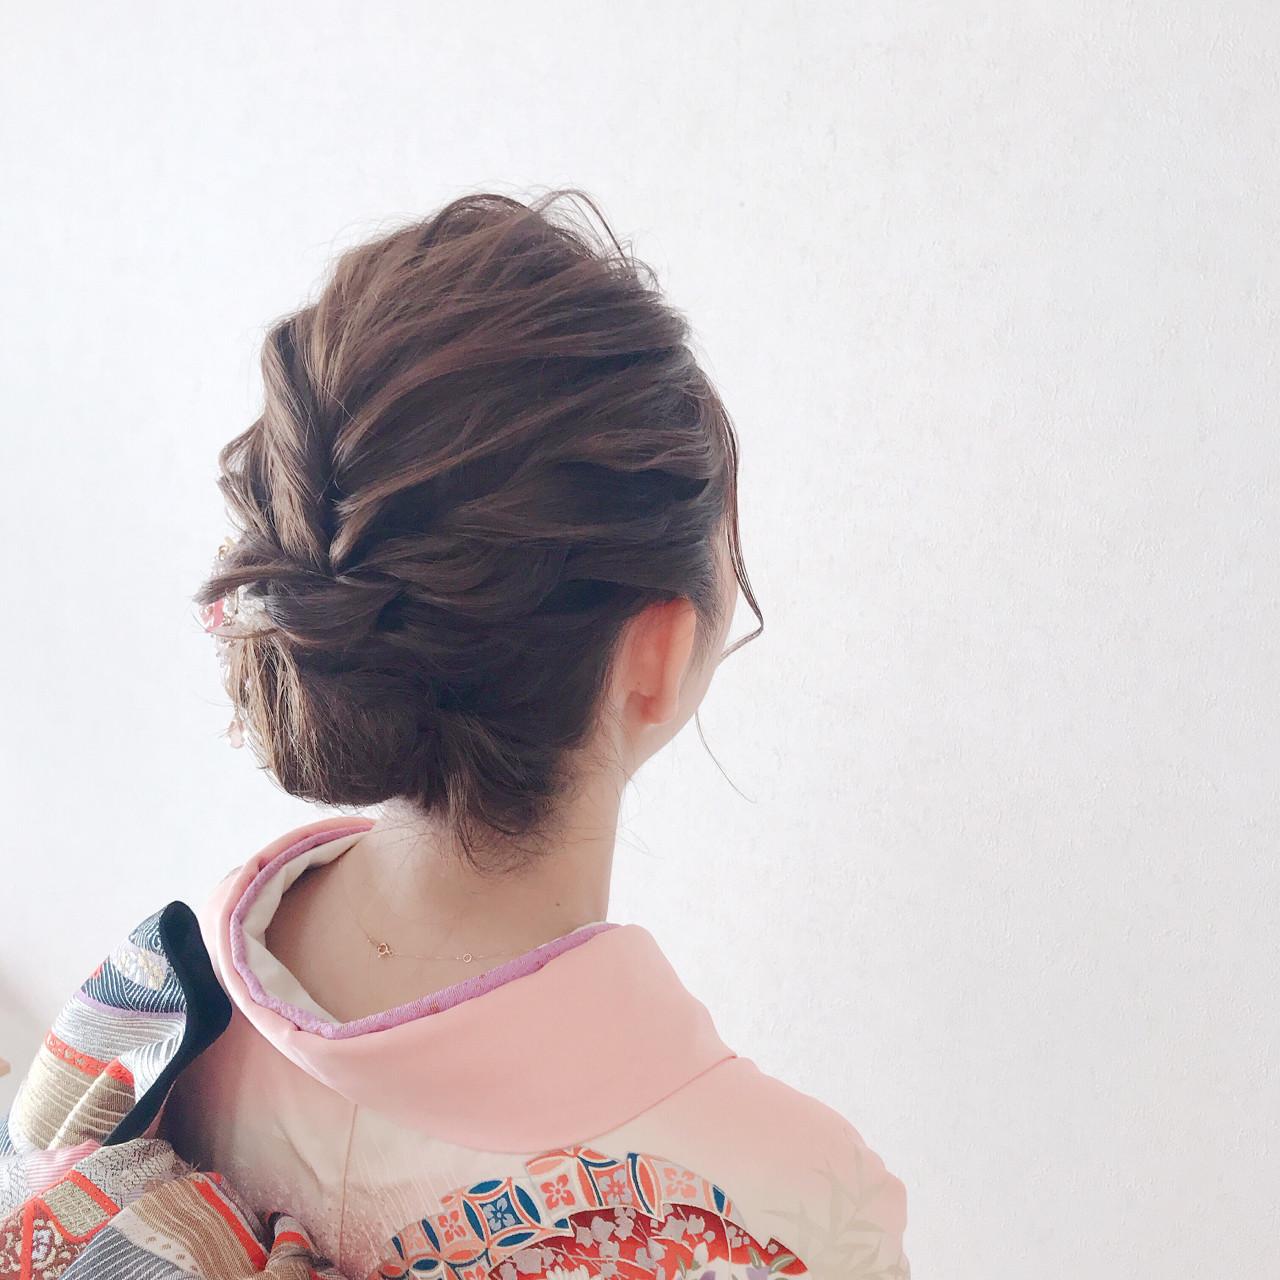 ミディアム 成人式 フェミニン 振袖 ヘアスタイルや髪型の写真・画像